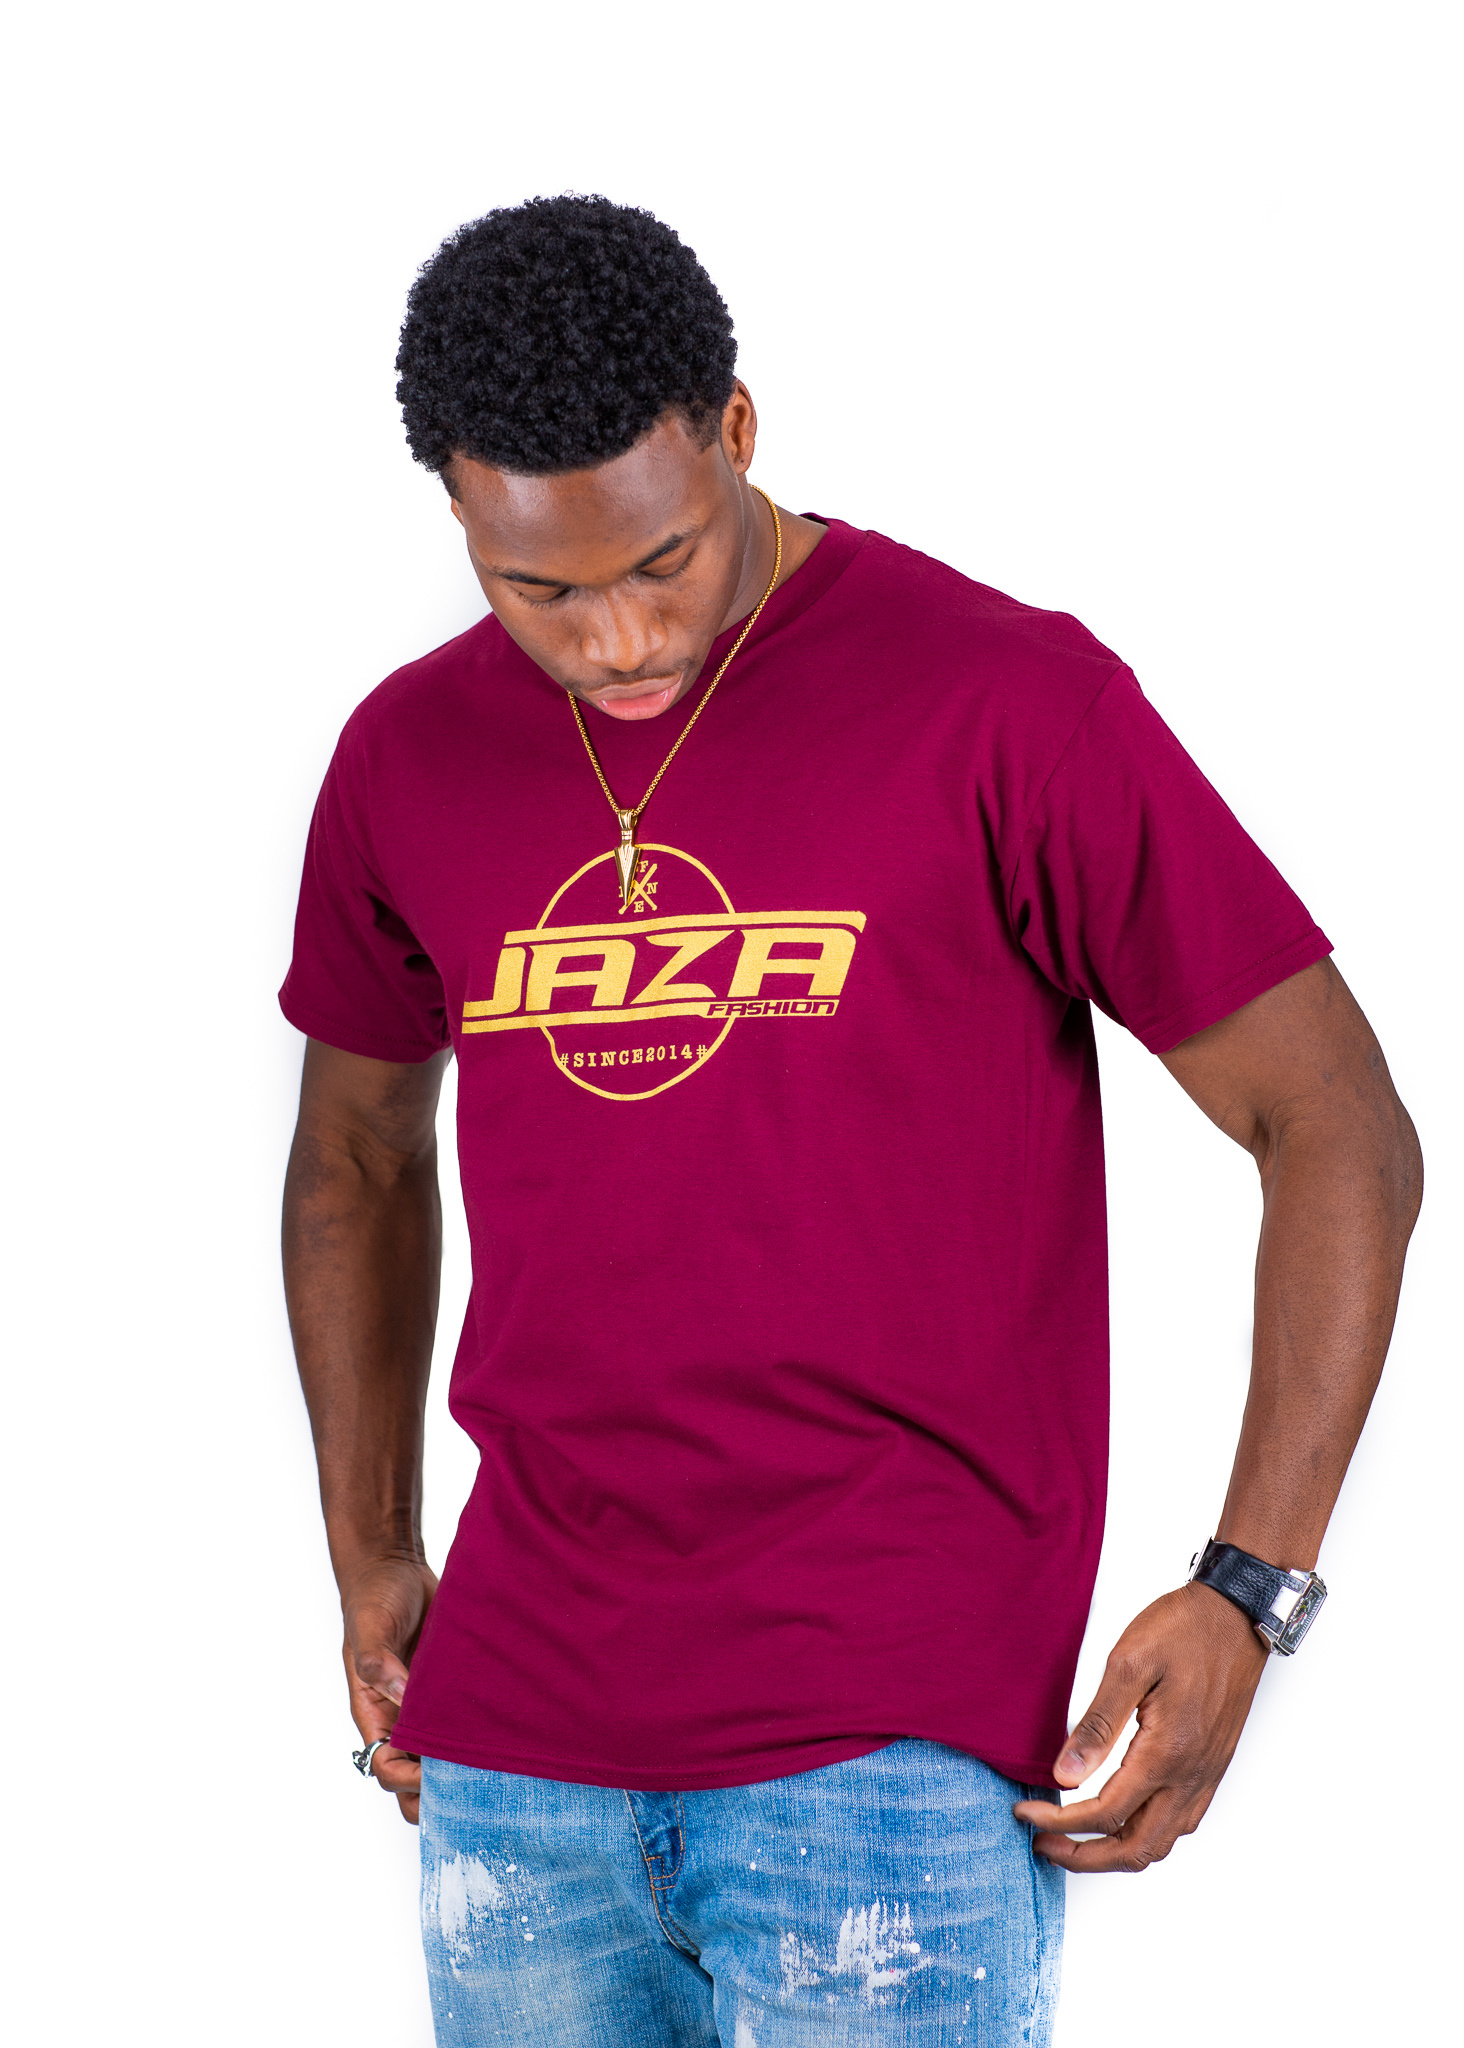 Jaza Fashion Jaza Fashion Herren T-Shirt in Bordeaux Rot